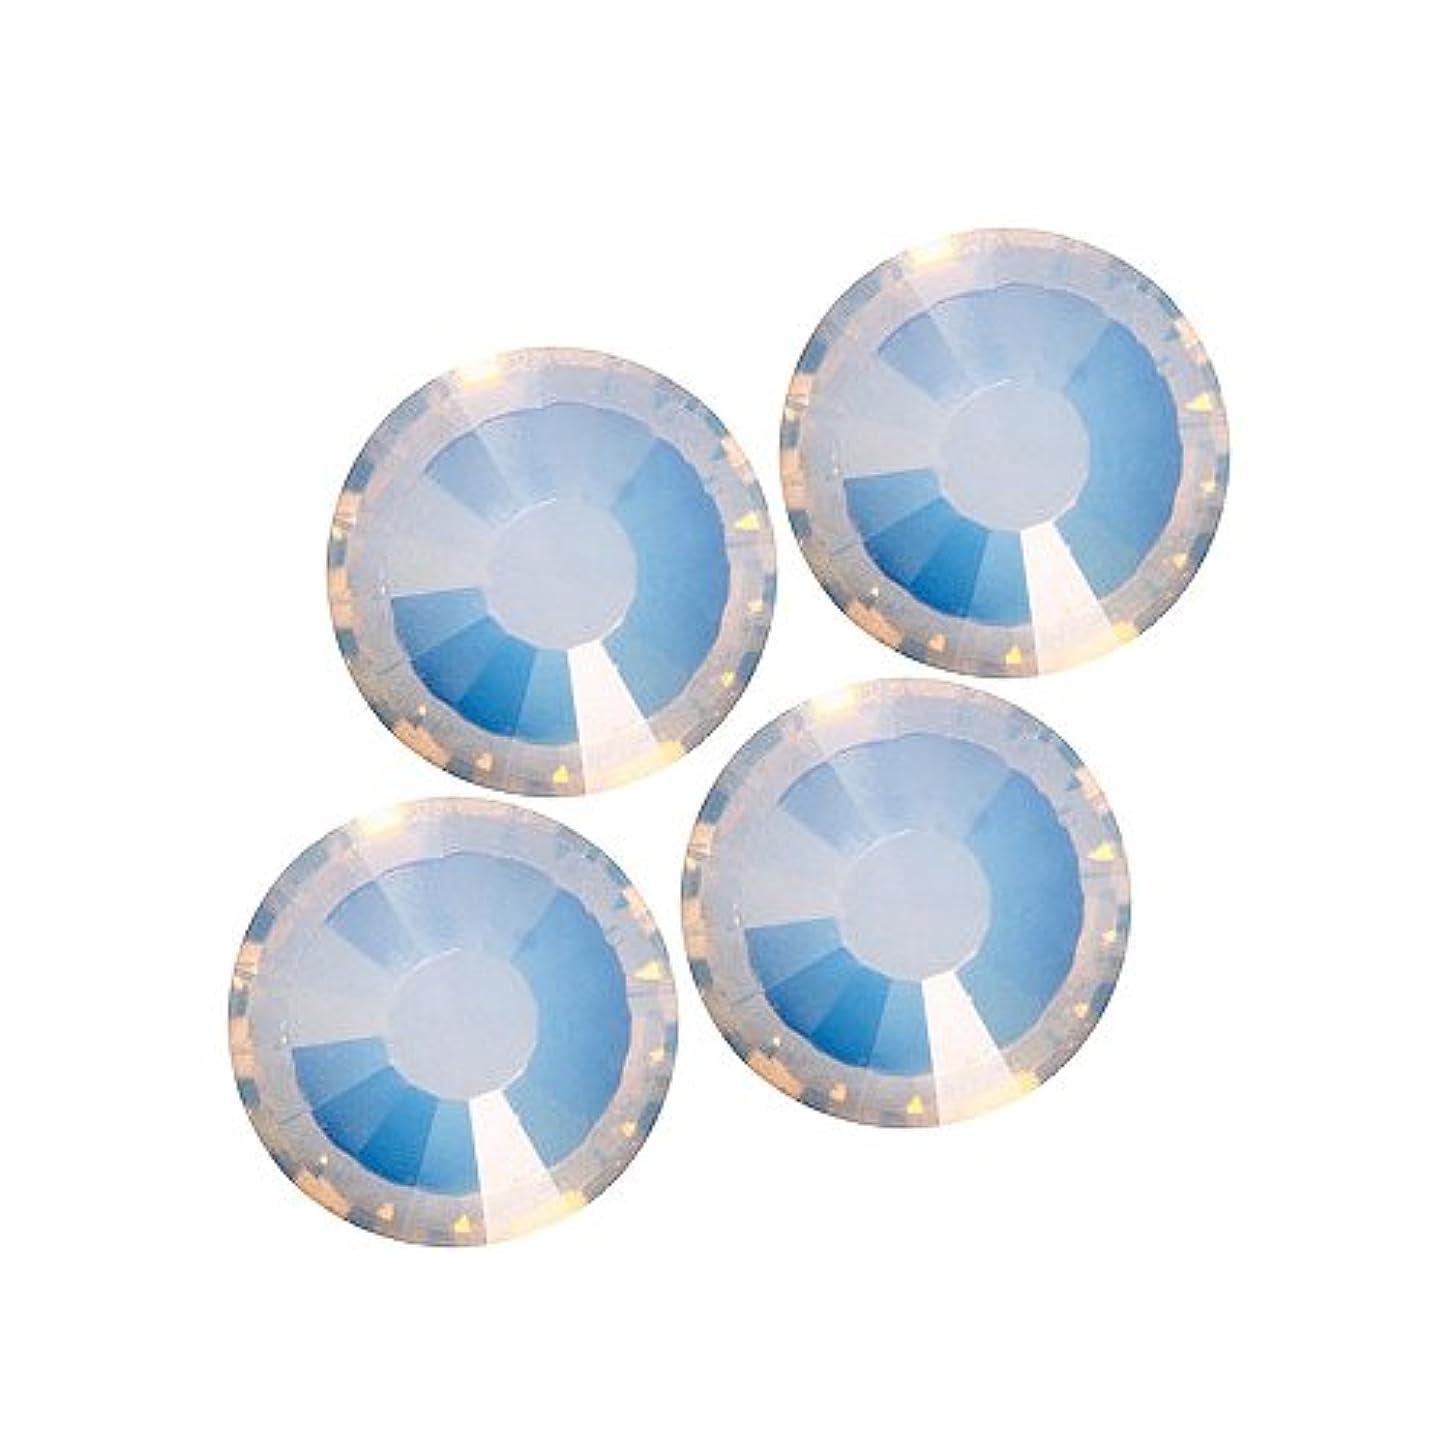 練る辞任する移住するバイナル DIAMOND RHINESTONE ホワイトオパールSS8 720粒 ST-SS8-WHO-5G